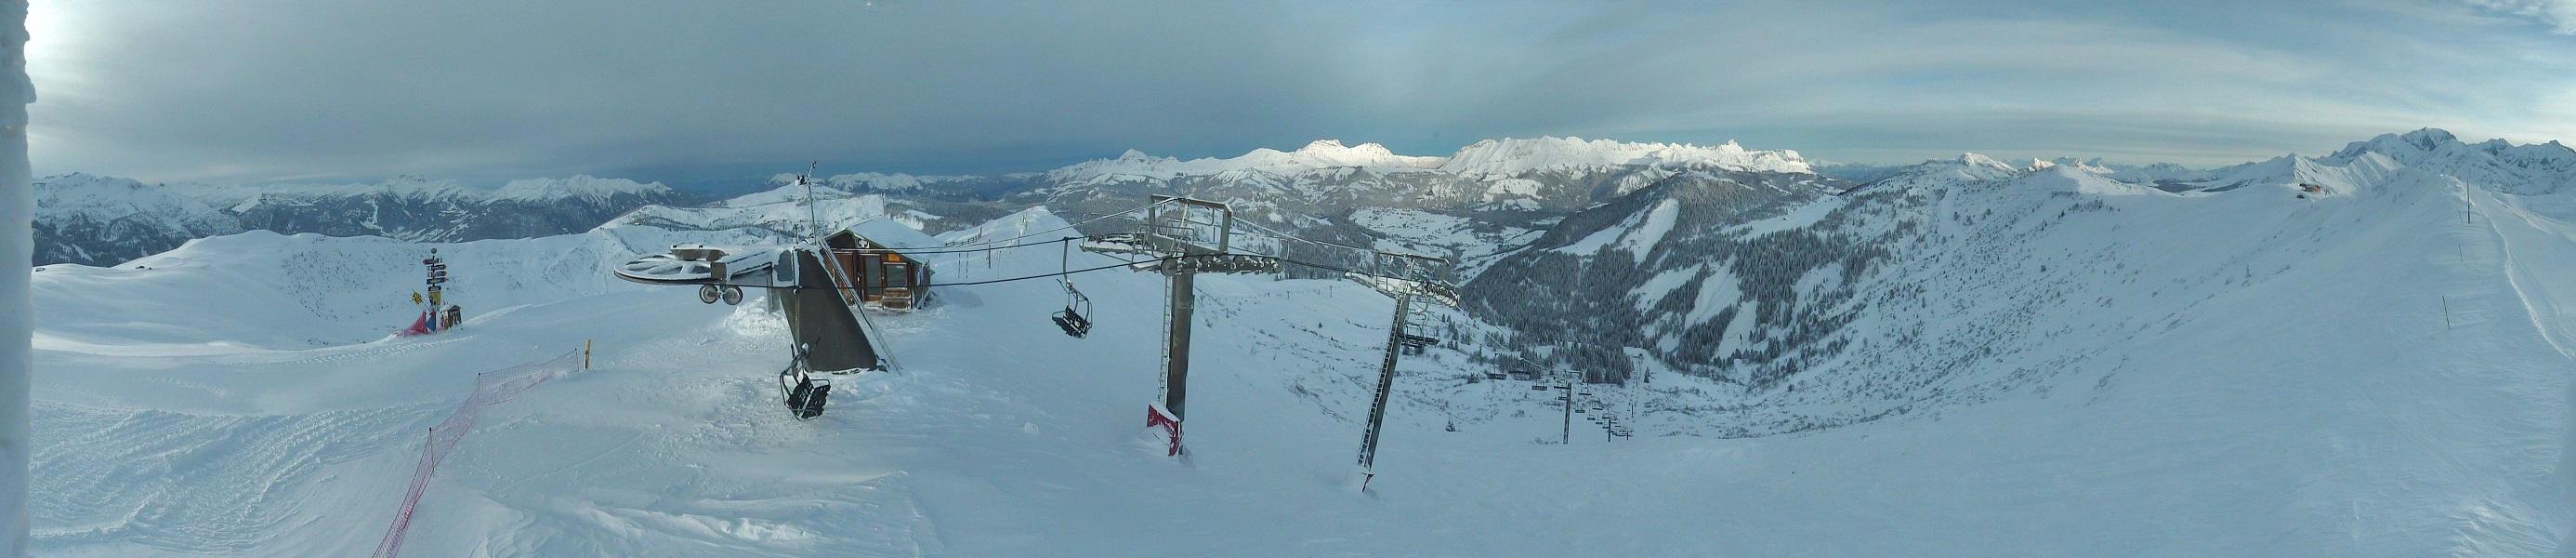 Au sommet du Télésiège de Plan des Fours, point culminant du domaine où 175 cm de neige sont relevés